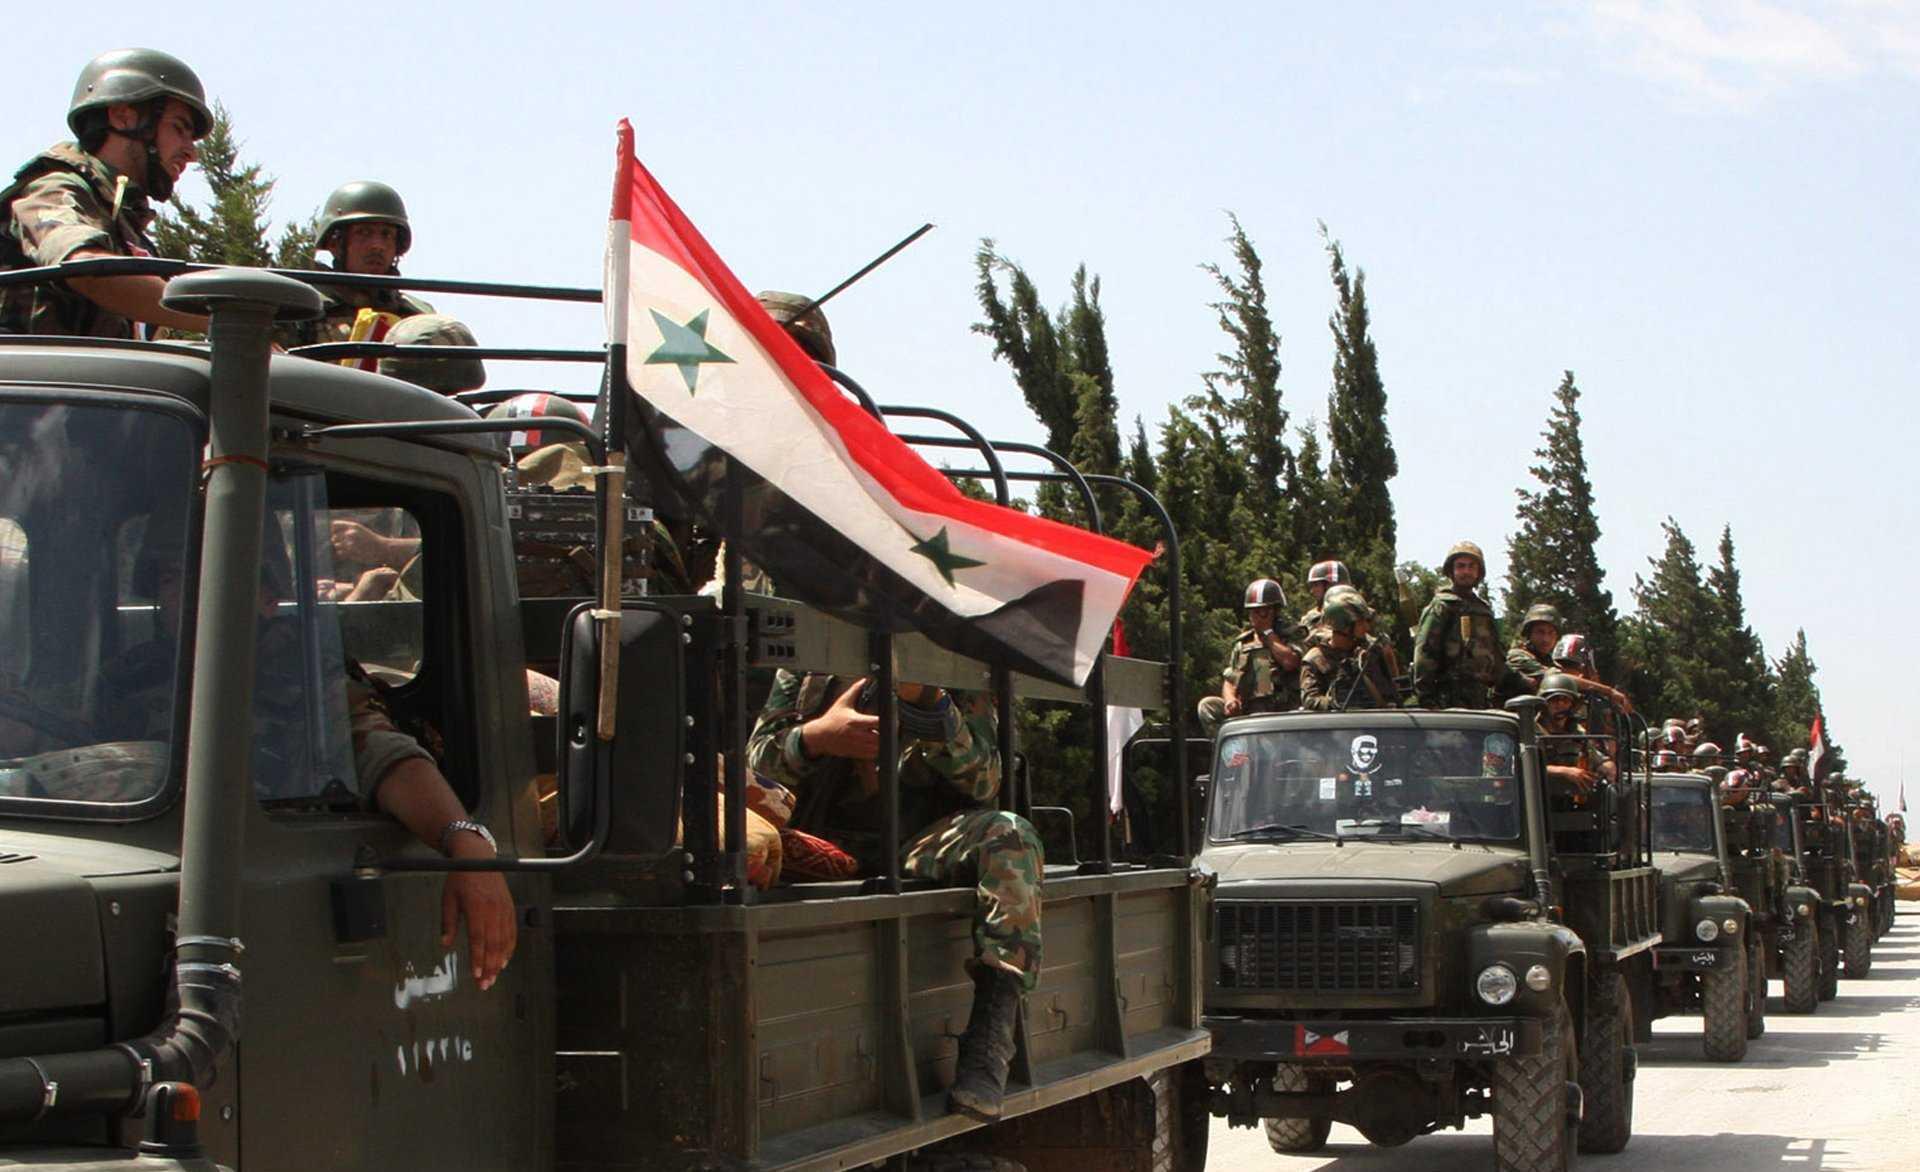 مصفحات عسكرية مدججة بالعناصر في شوارع دمشق ليلًا.. ماذا يحدث؟ (فيديو)